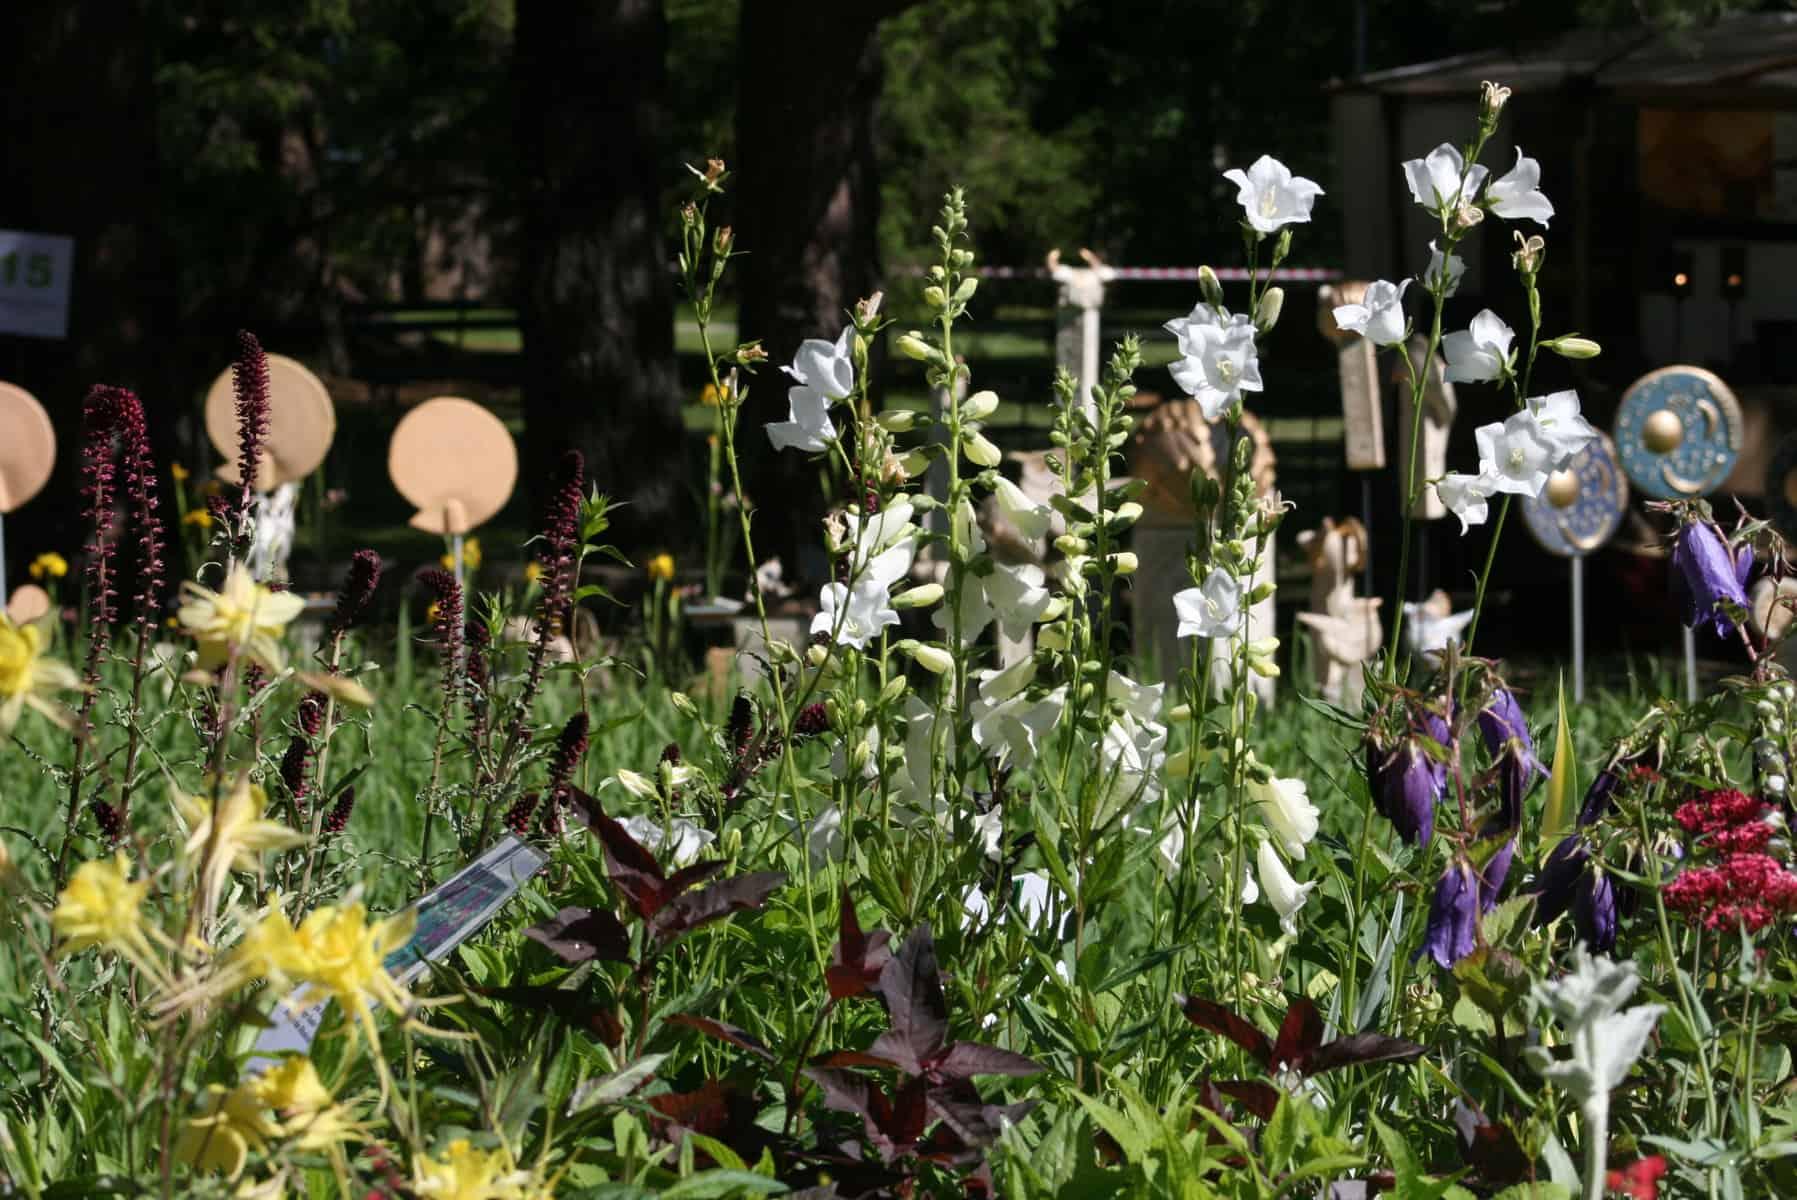 Den Garten neu sehen - Blühende Träume, eine Messe für naturnahe Gartengestaltung 9